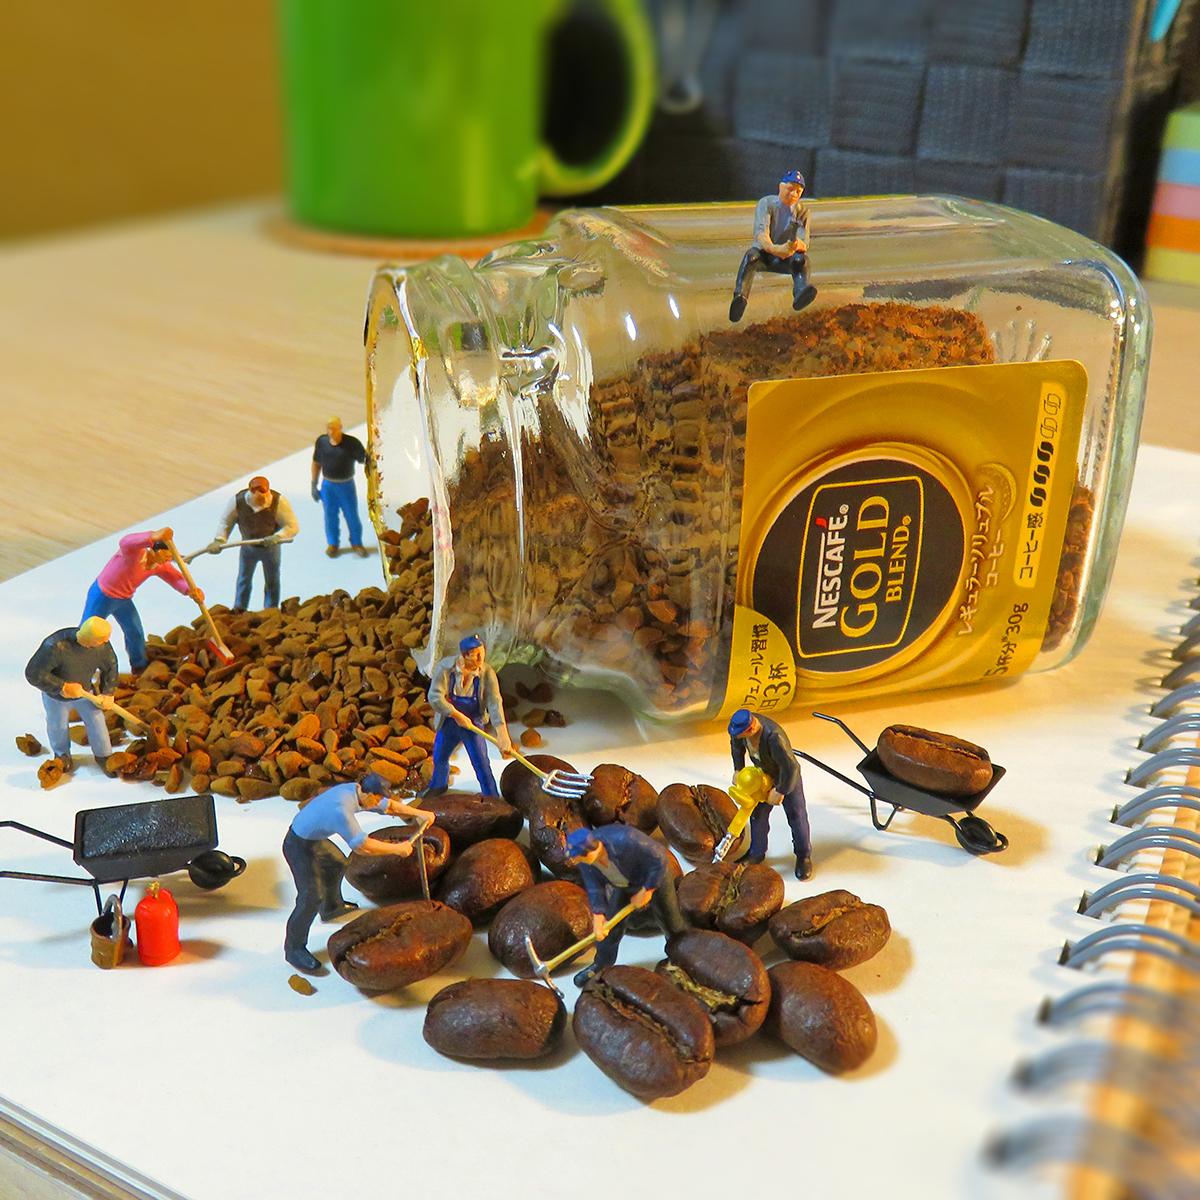 コーヒー豆を微粉砕して瓶に詰め込む作業員